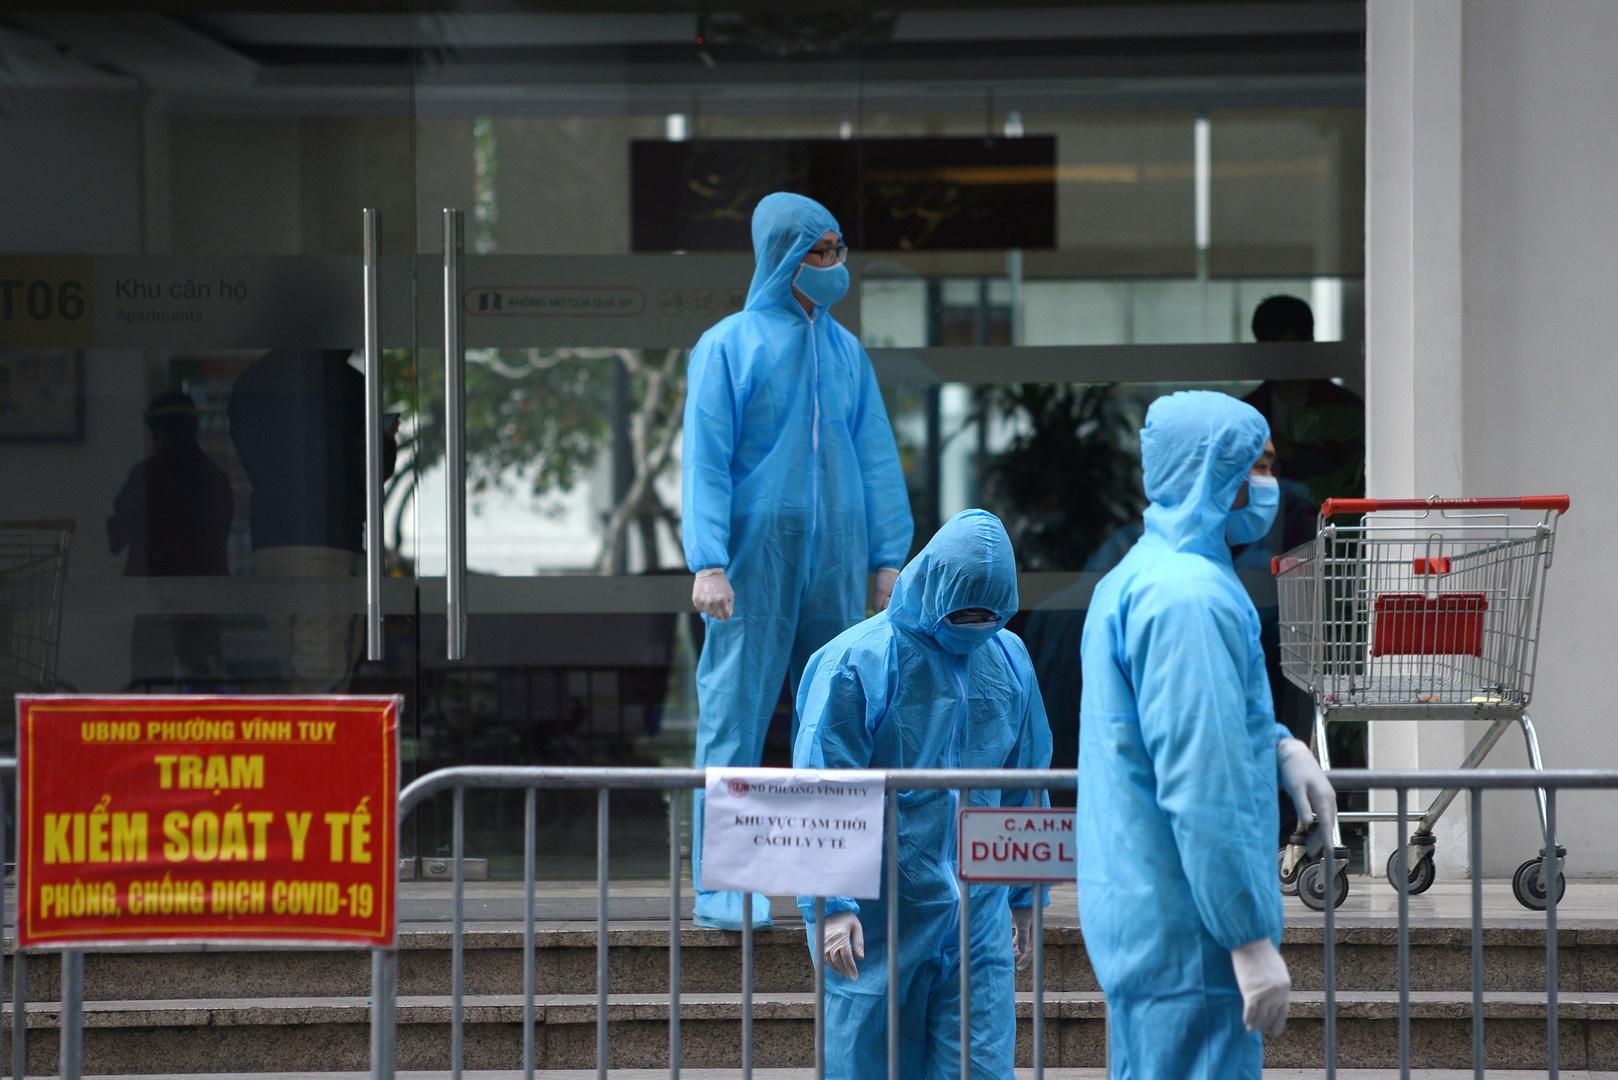 فيتنام توقف وسائل النقل العام في العاصمة وتشدد إجراءات مكافحة كورونا